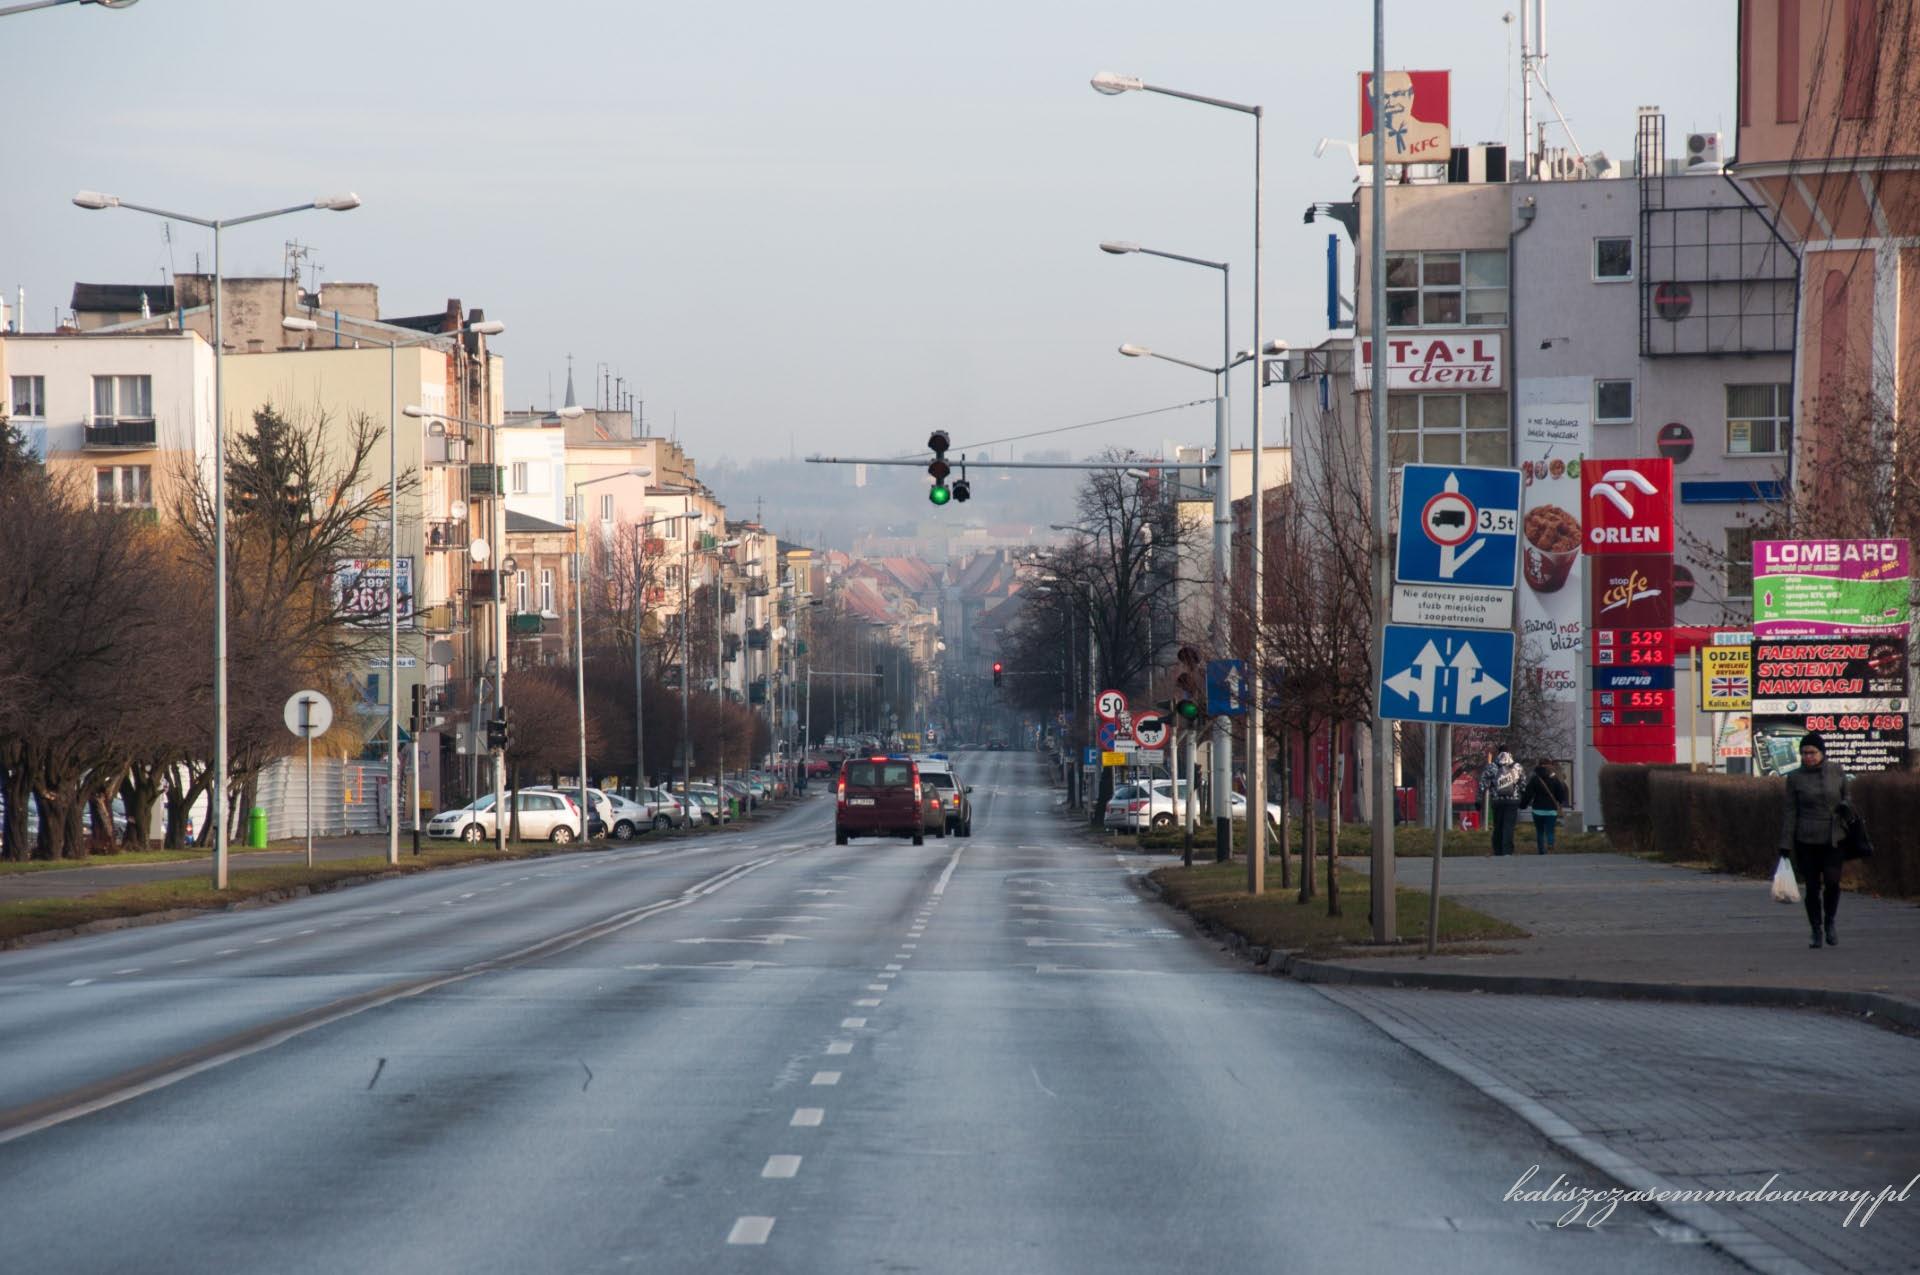 Gornoslaska-16